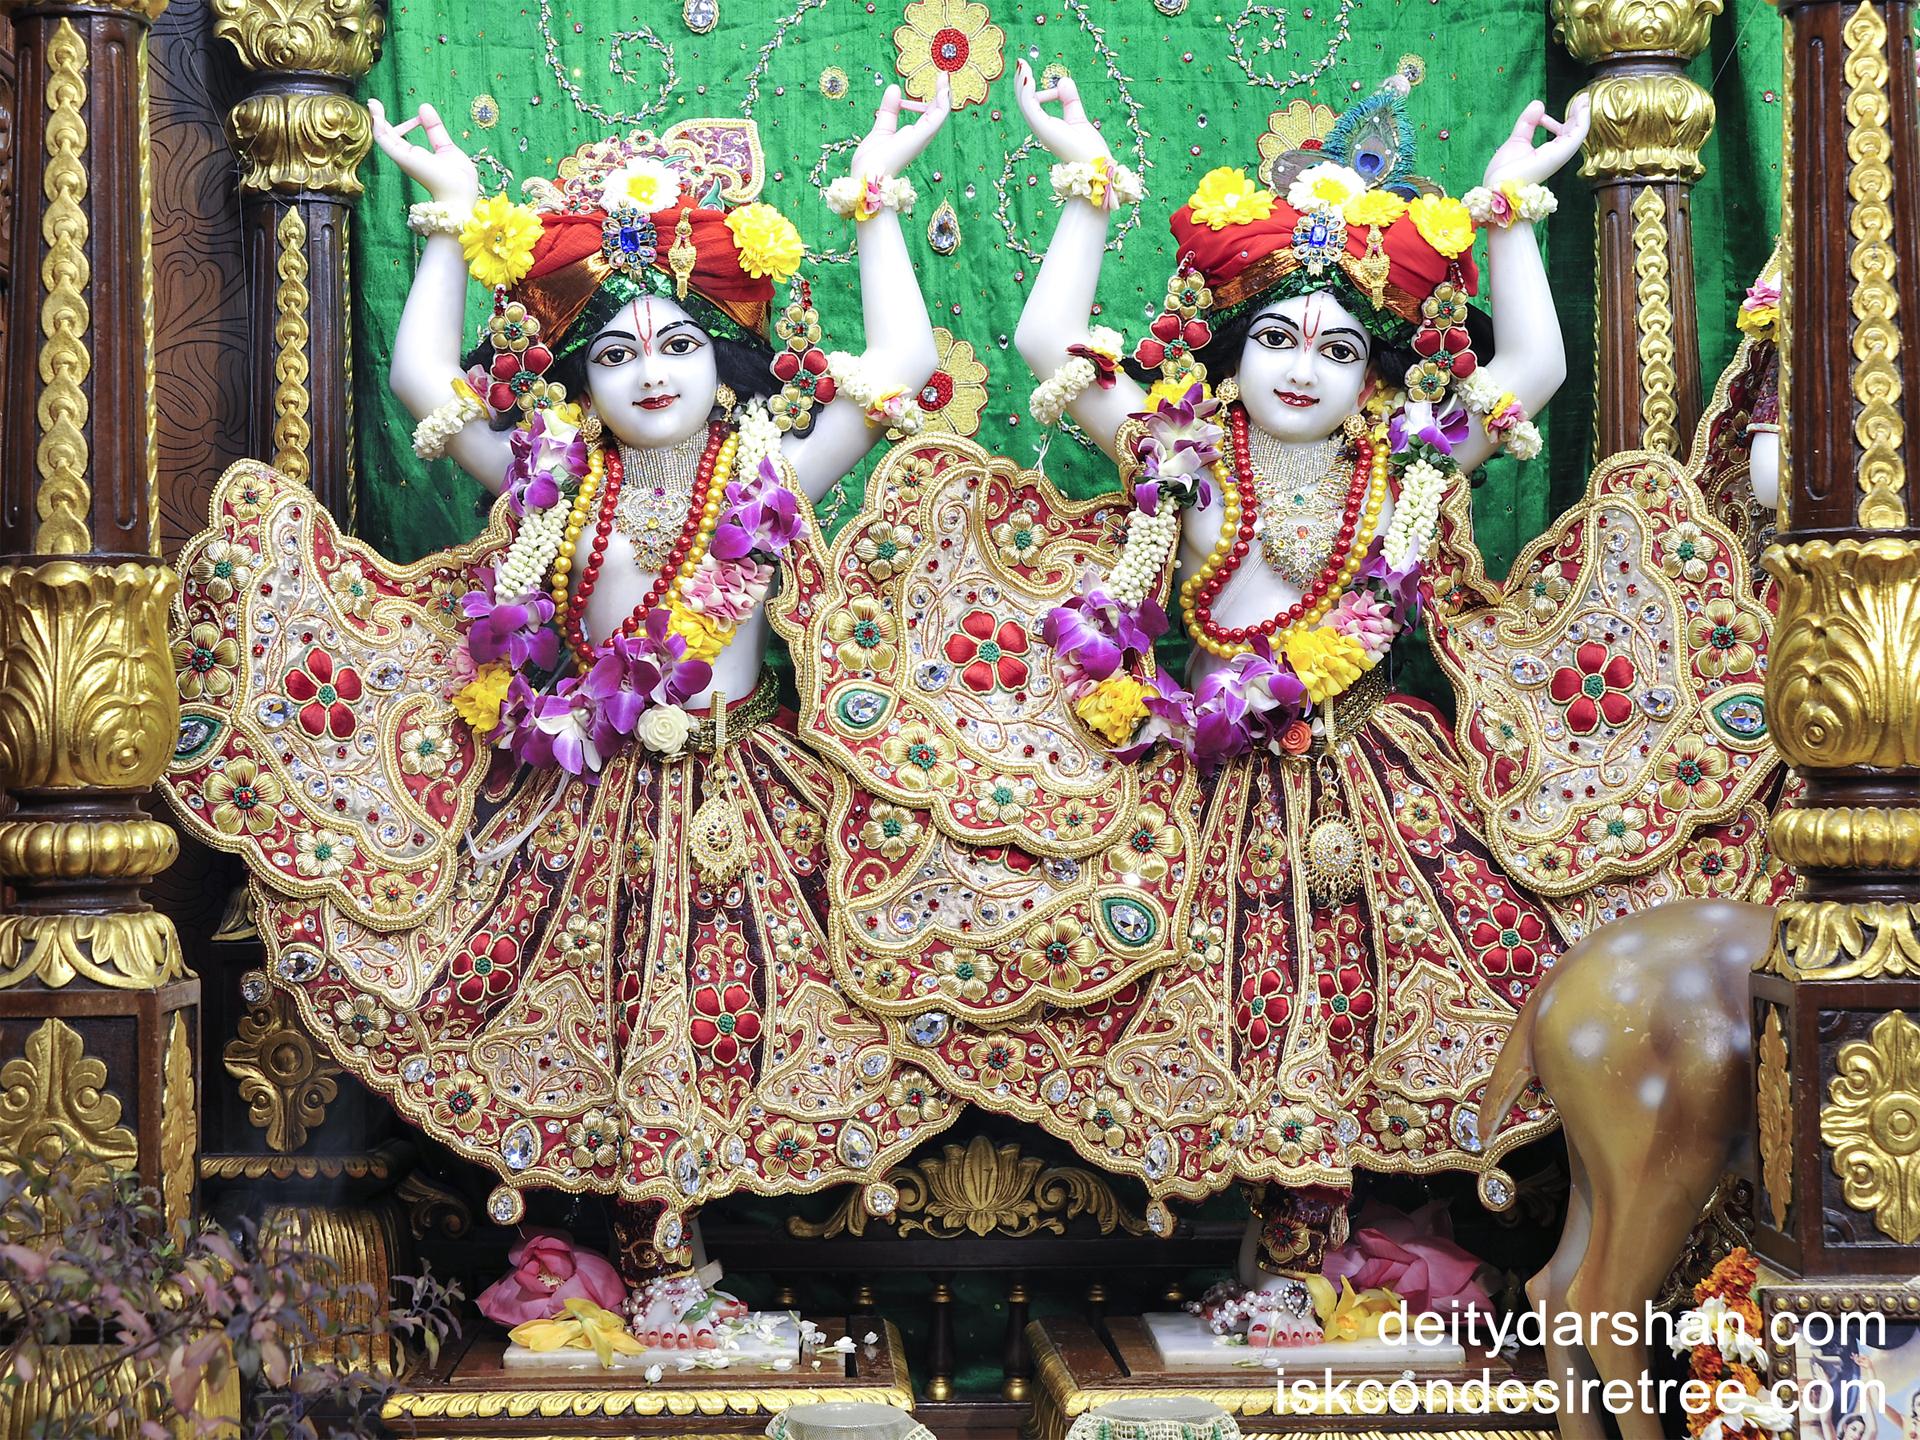 Sri Sri Nitai Gaurachandra Wallpaper (008) Size 1920x1440 Download